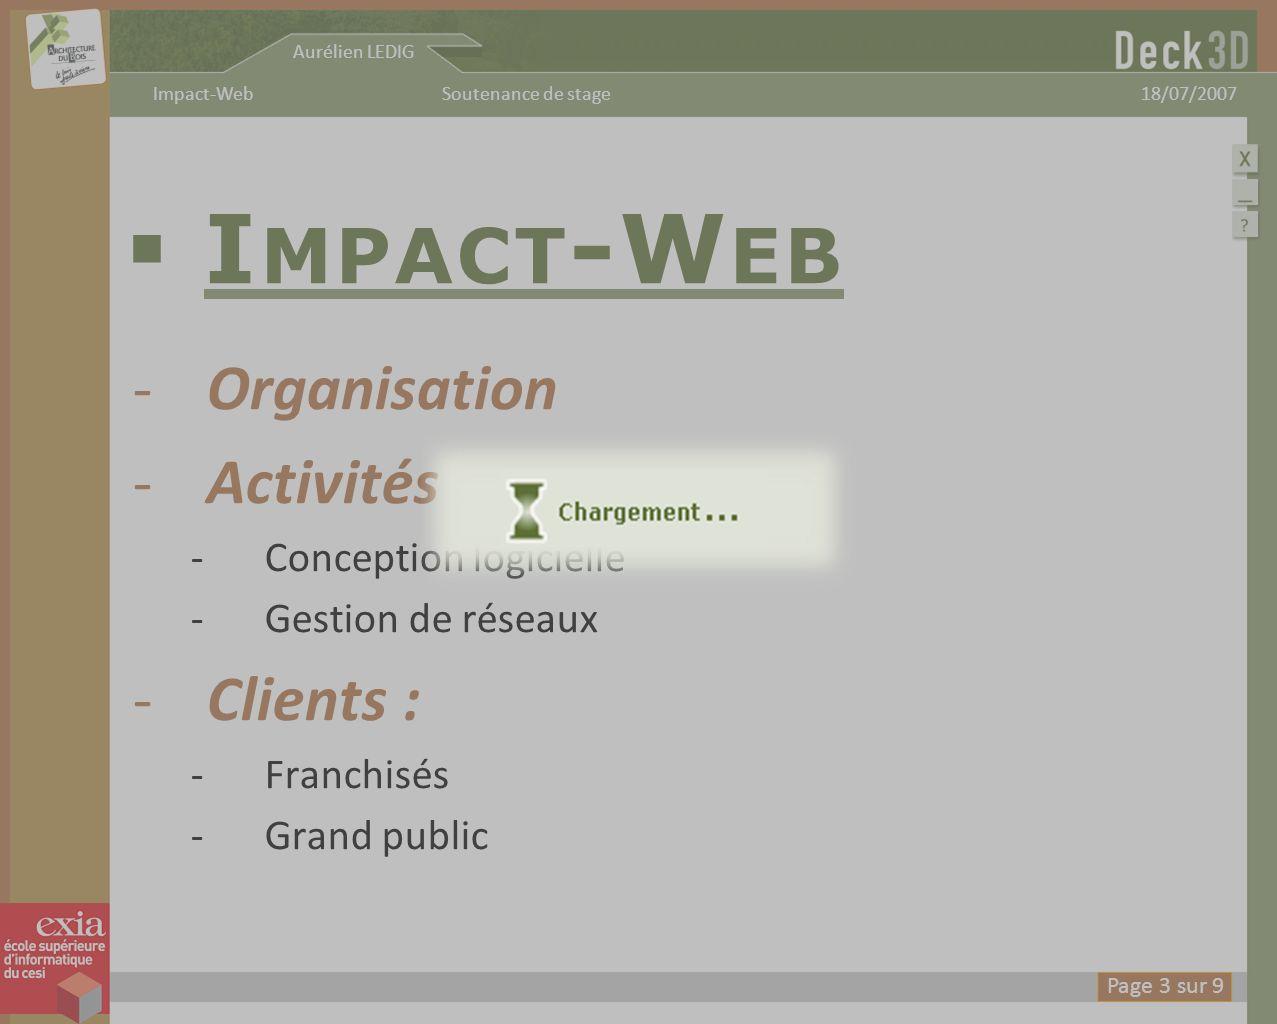 Aurélien LEDIG 18/07/2007Soutenance de stageImpact-Web D ECK 3D -Concept -Démonstration -Pour utilisateurs variés : -Utilisation intuitive -Paramètres experts Page 4 sur 9